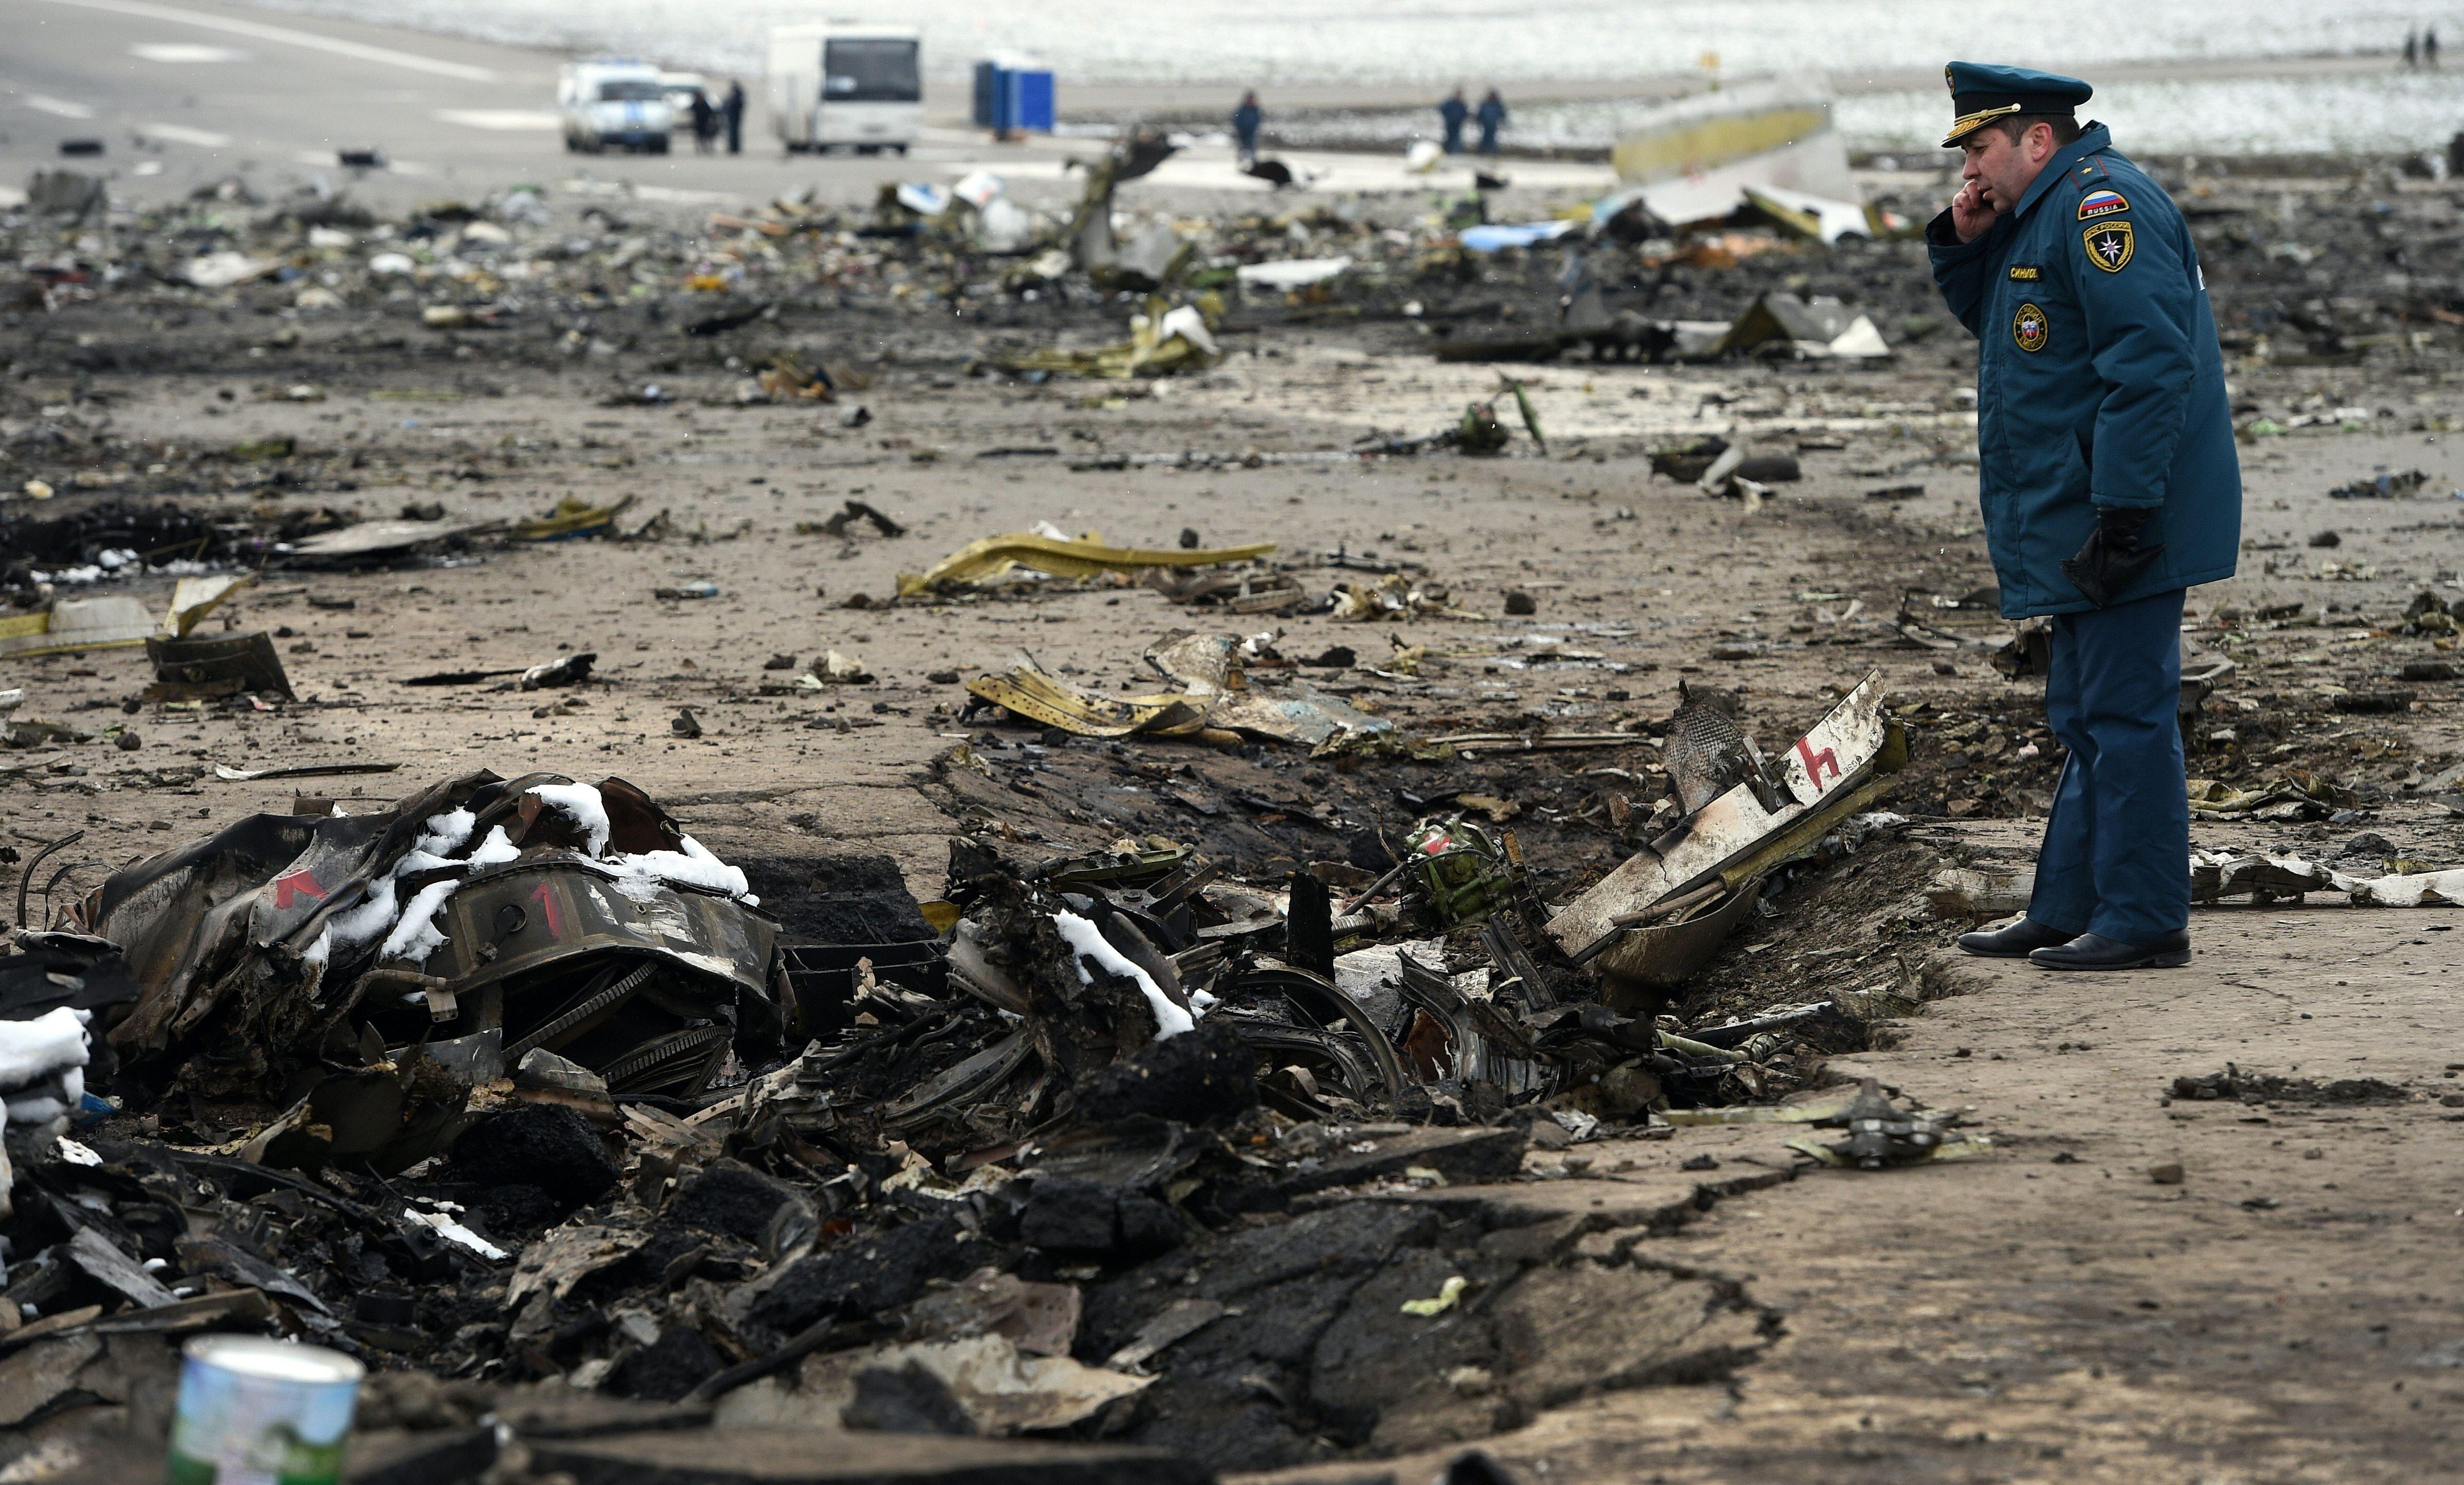 Комиссия по расследованию крушения Boeing завершила работы на месте катастрофы - Цензор.НЕТ 5696